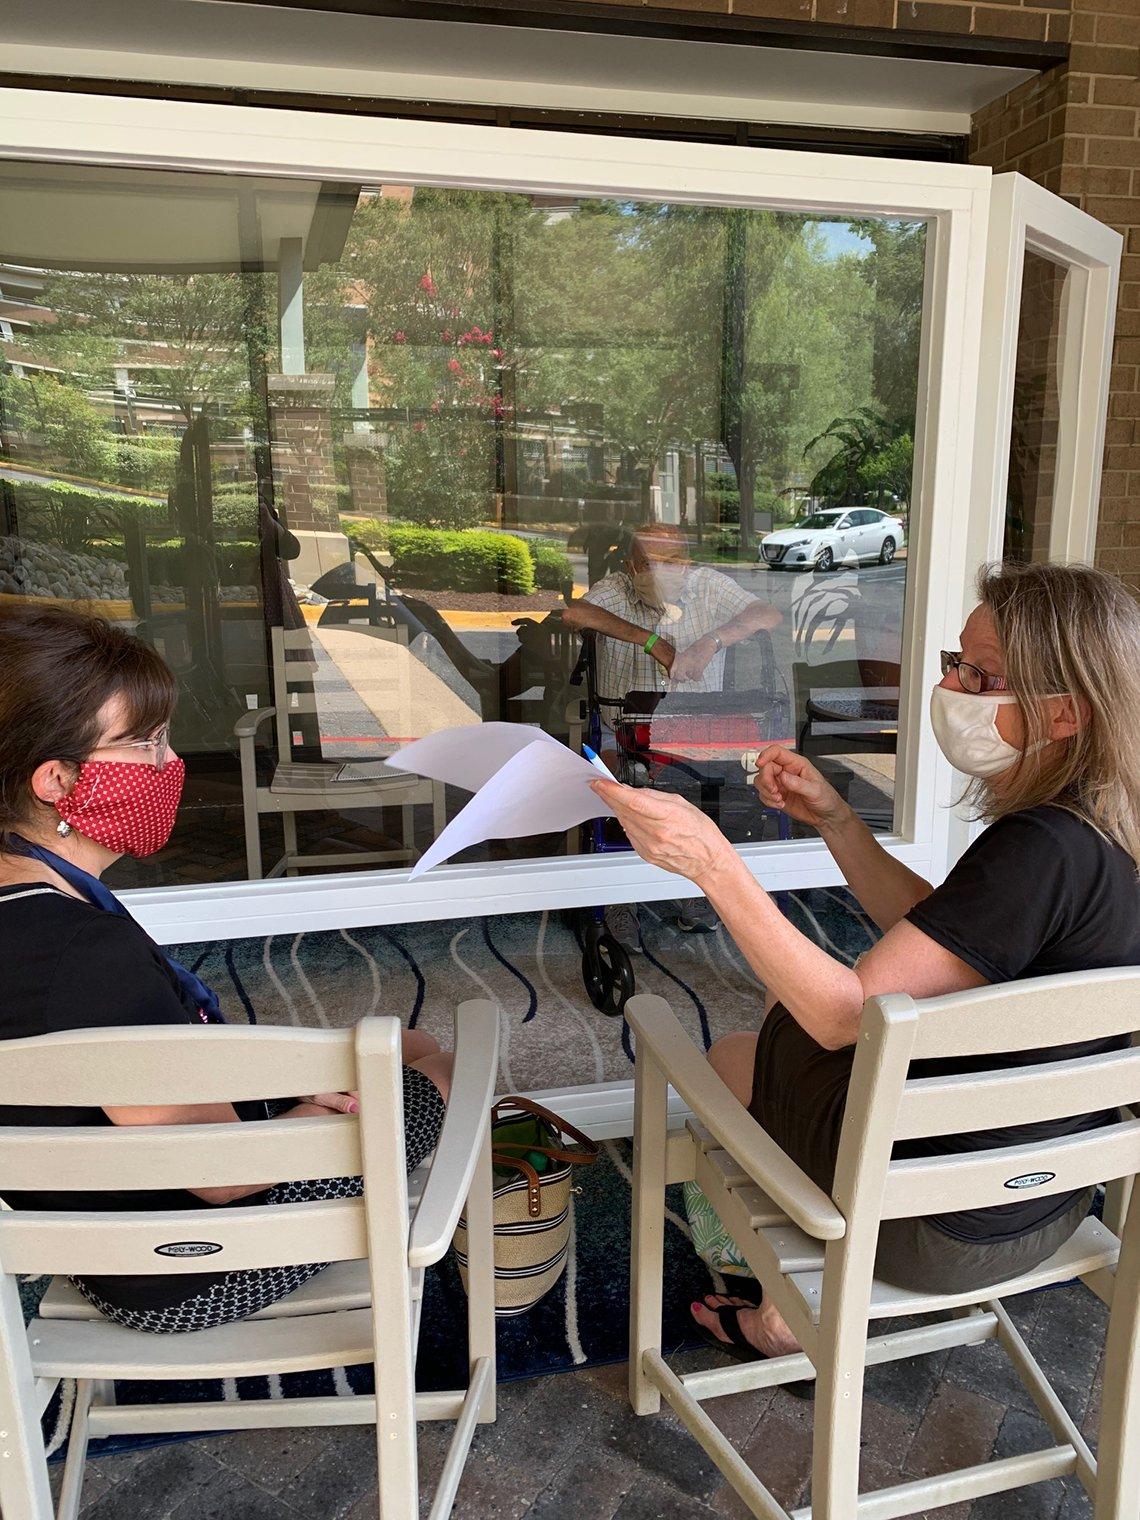 Dos mujeres sentadas en la parte exterior de un restaurante